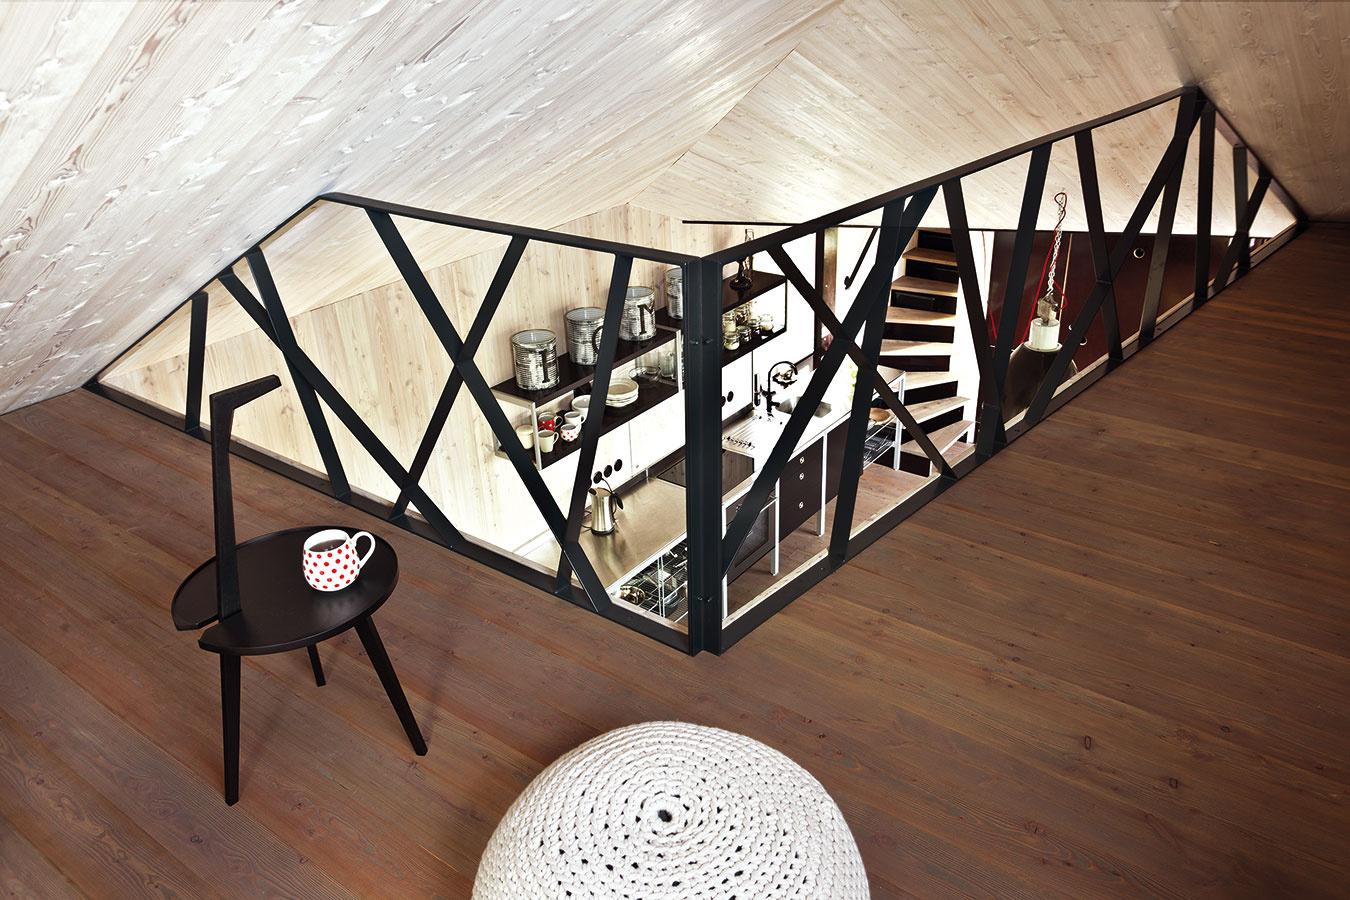 Klenutý strop vytvára v interiéri nenápadný predel a posilňuje dojem súkromia obyvateľov protiľahlých galérií. Napriek tomu však členovia rodiny aj prípadní hostia zostávajú v prevažne otvorenom interiéri spolu.